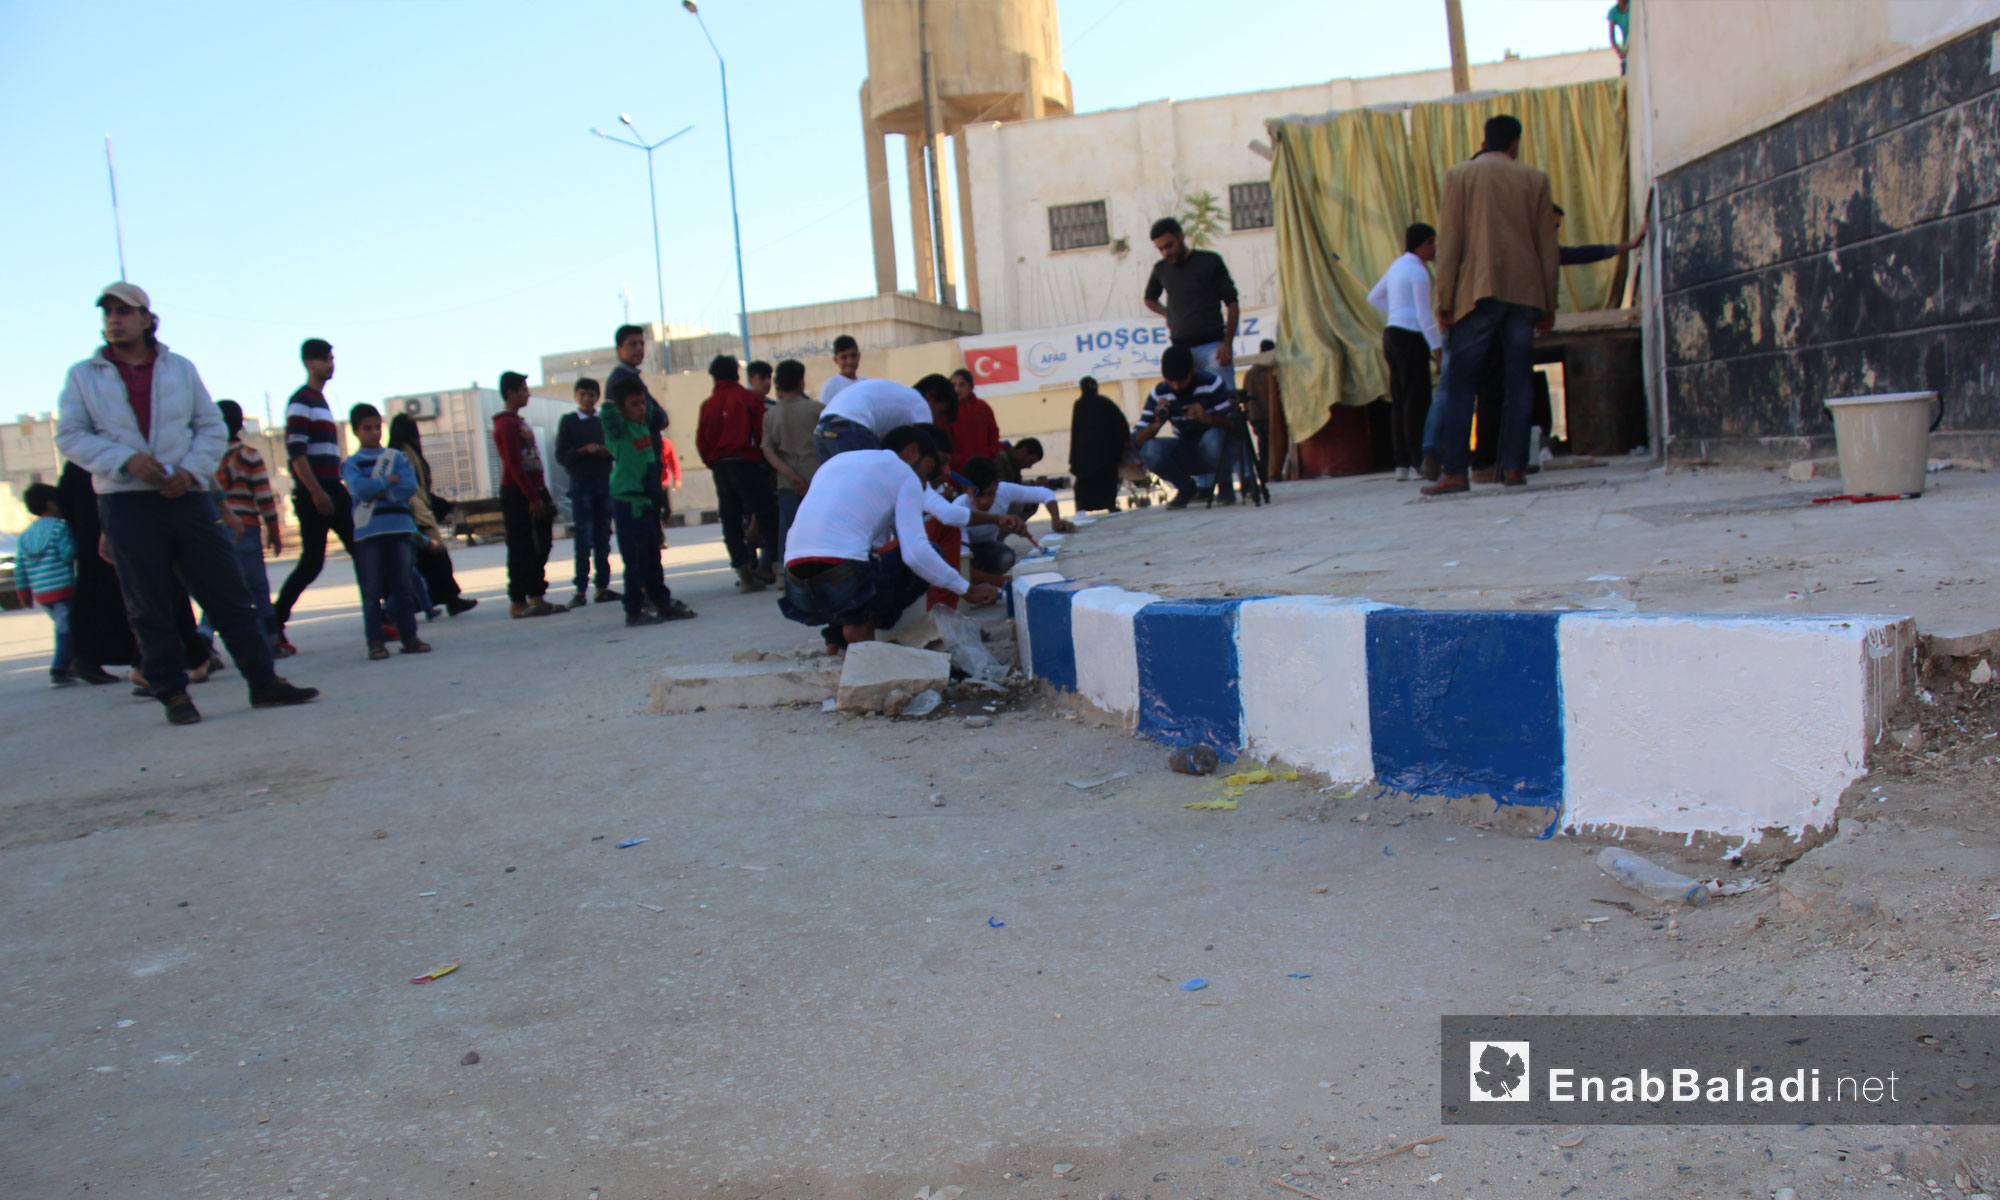 مواطنون يطلون الأرصفة بالألوان بعدما  في جرابلس كانت جدران المدينة بالأسود والأبيض - تشرين الثاني 2016 (عنب بلدي)